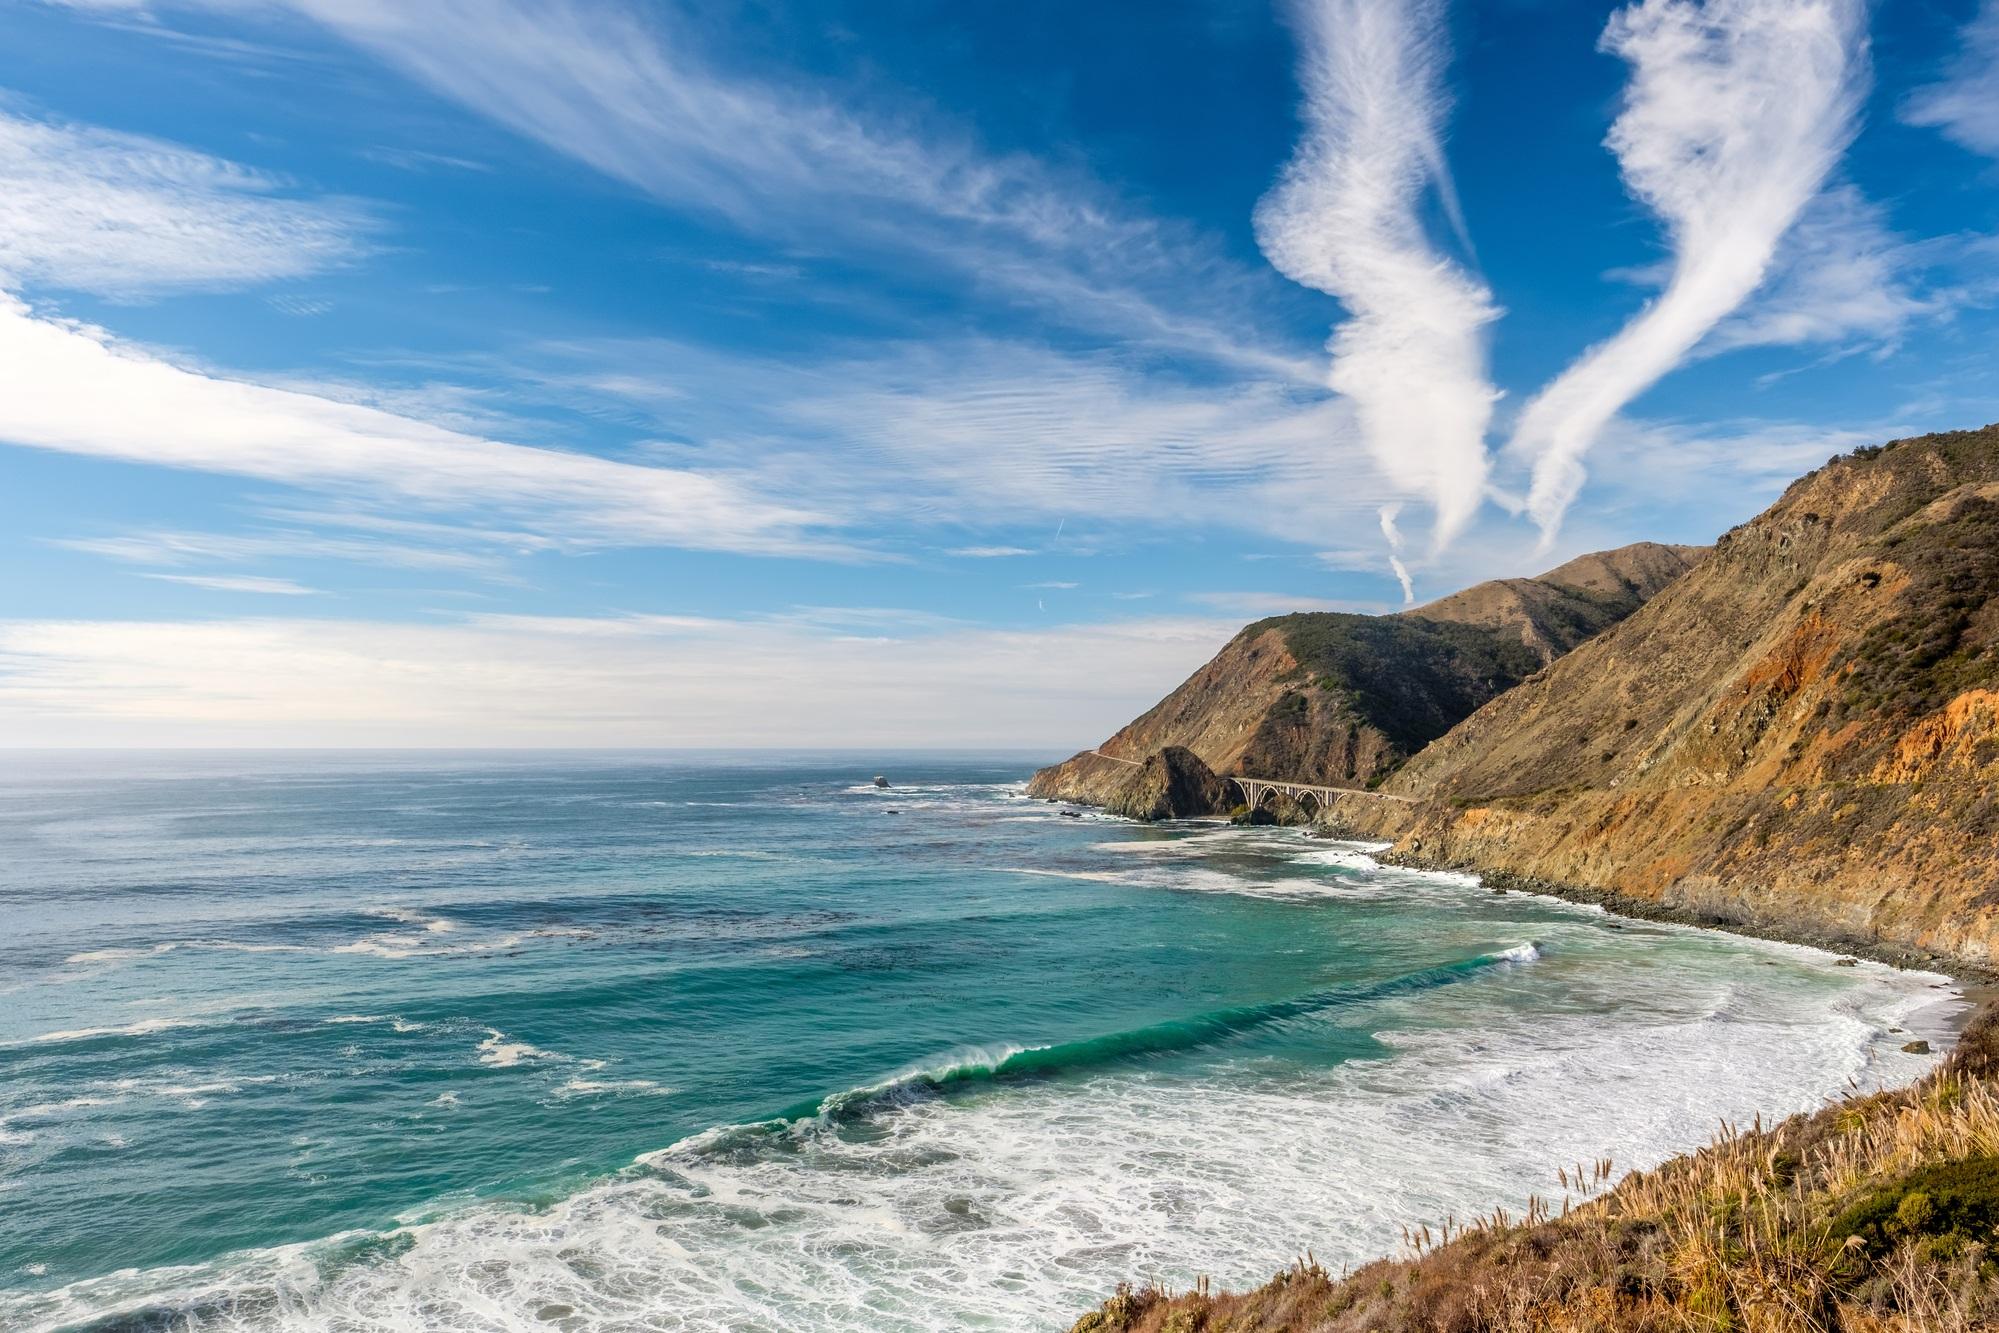 The Pacific Coast in California